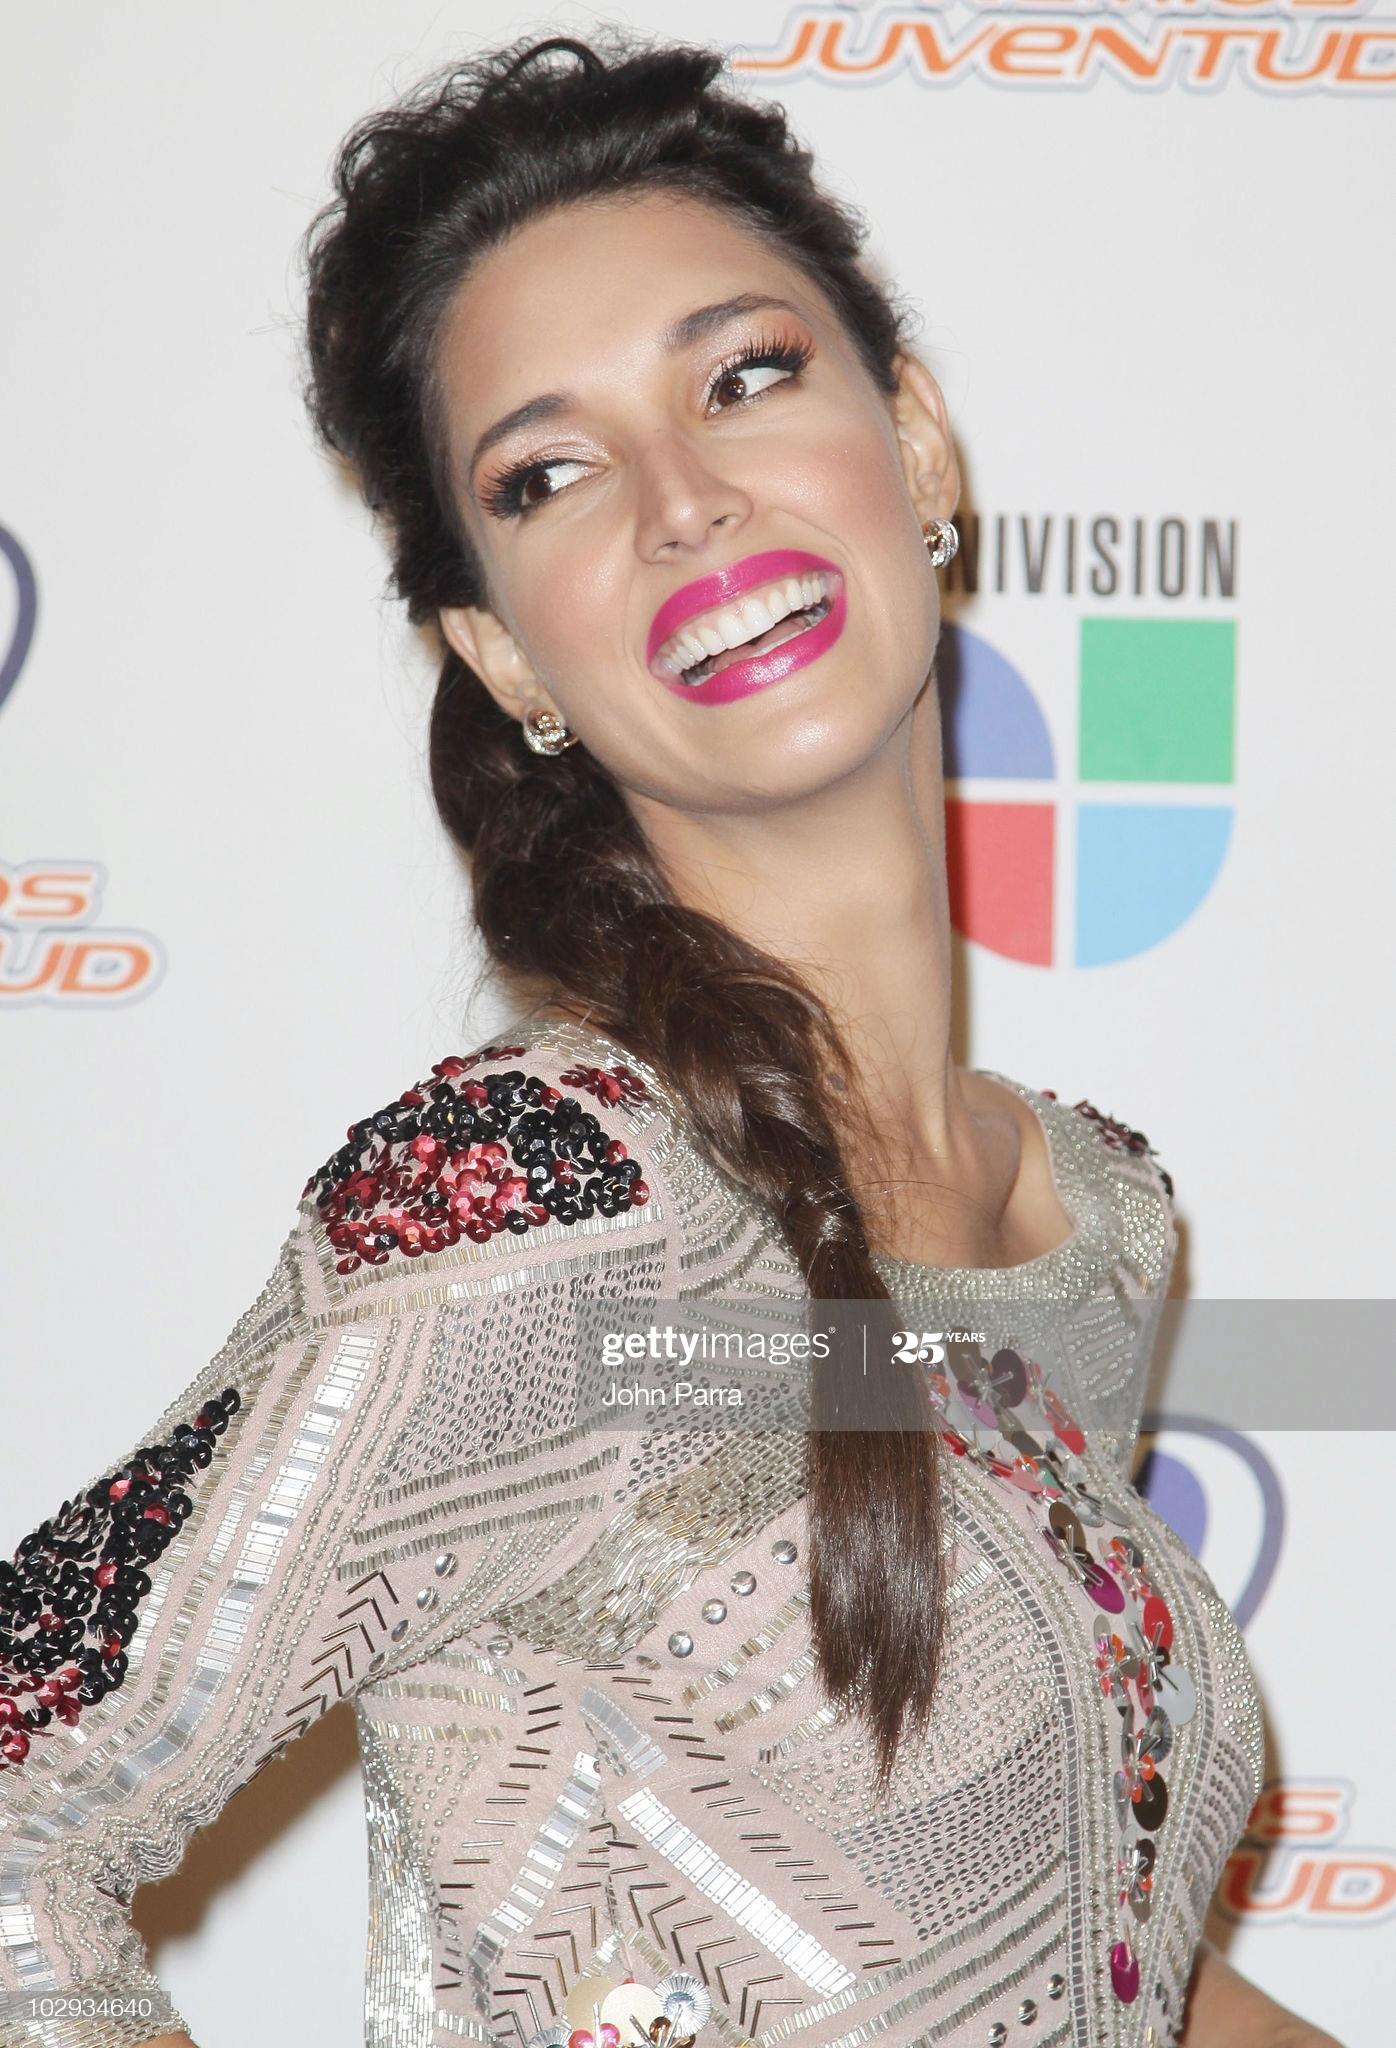 ════ ∘◦❁◦∘ ════ Amelia Vega, Miss Universe 2003. ════ ∘◦❁◦∘ ════ - Página 13 Amelia17